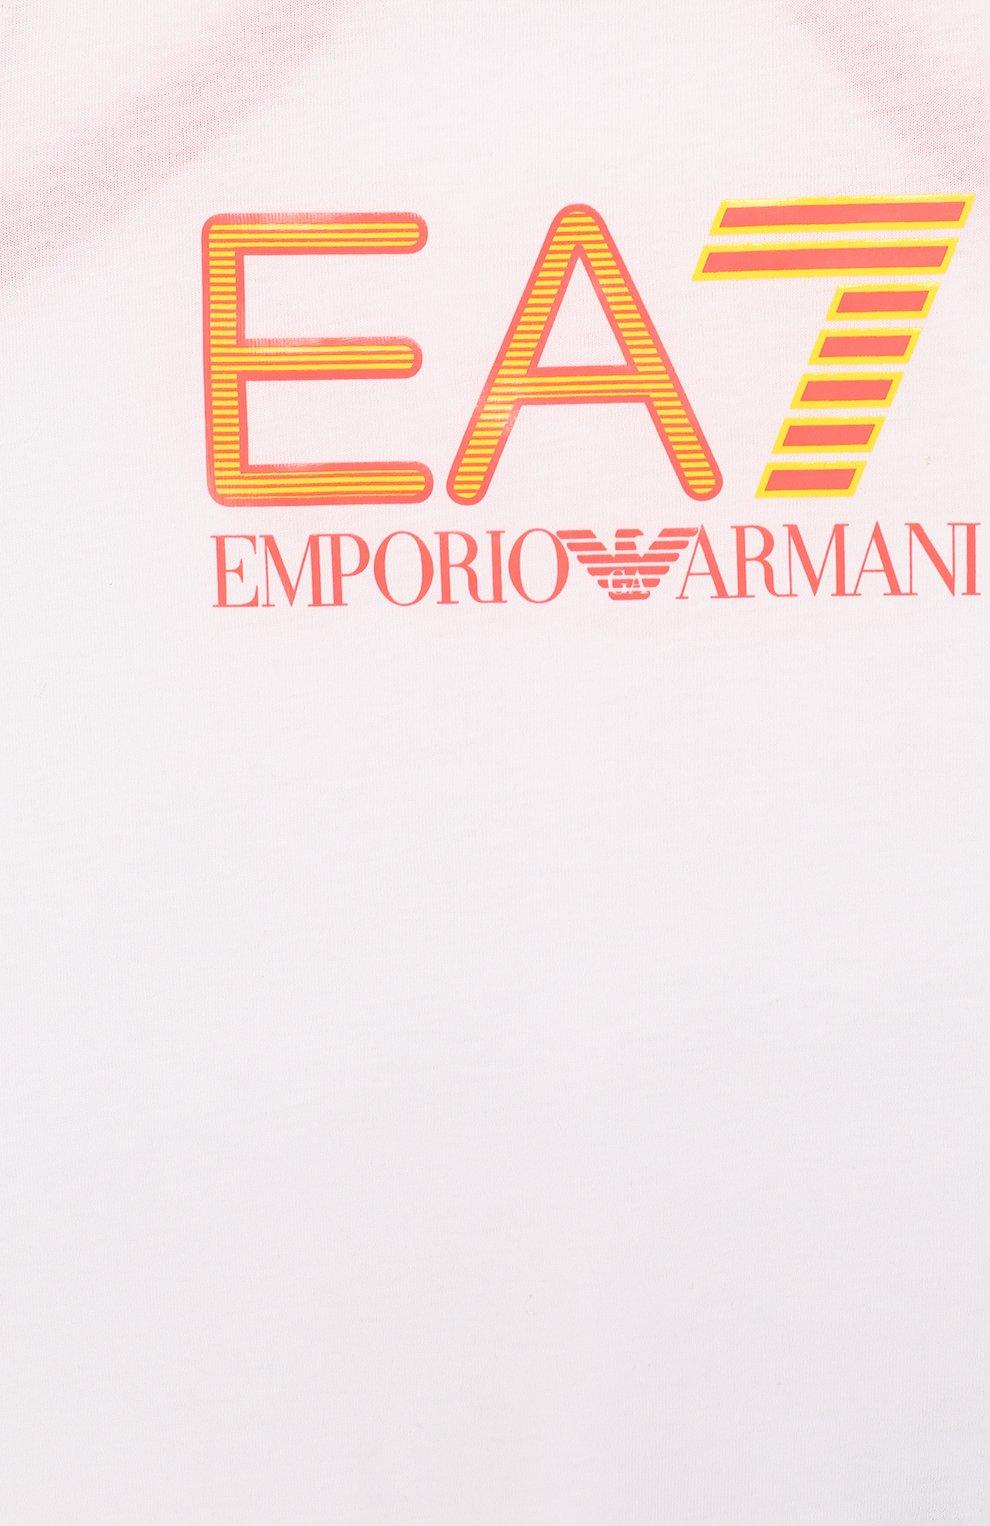 Хлопковая майка с логотипом бренда | Фото №3